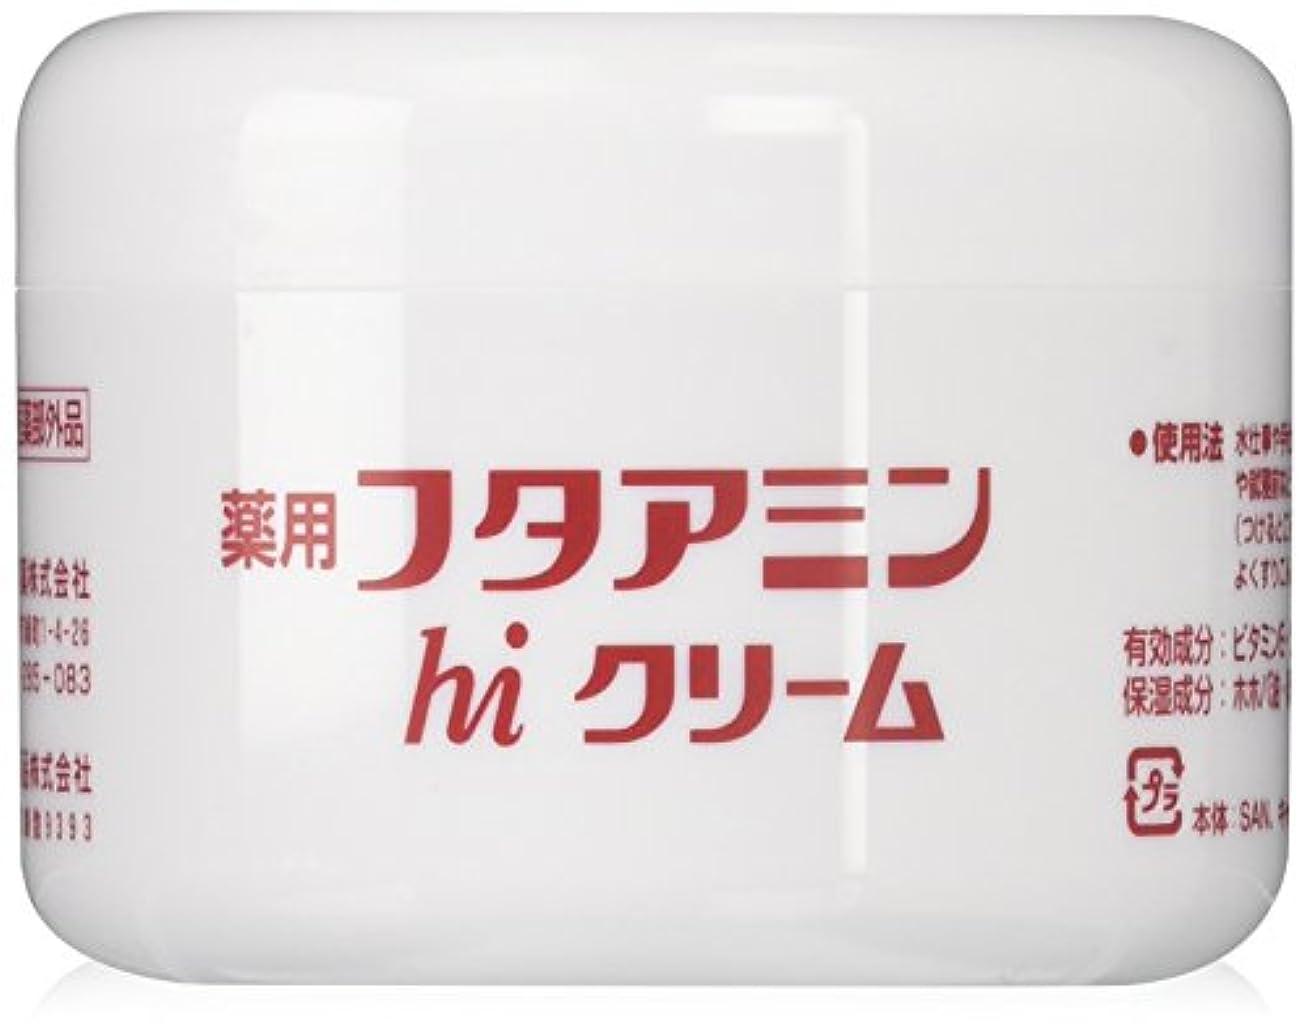 シャー課税剛性薬用 フタアミンhiクリーム 130g  3個セット